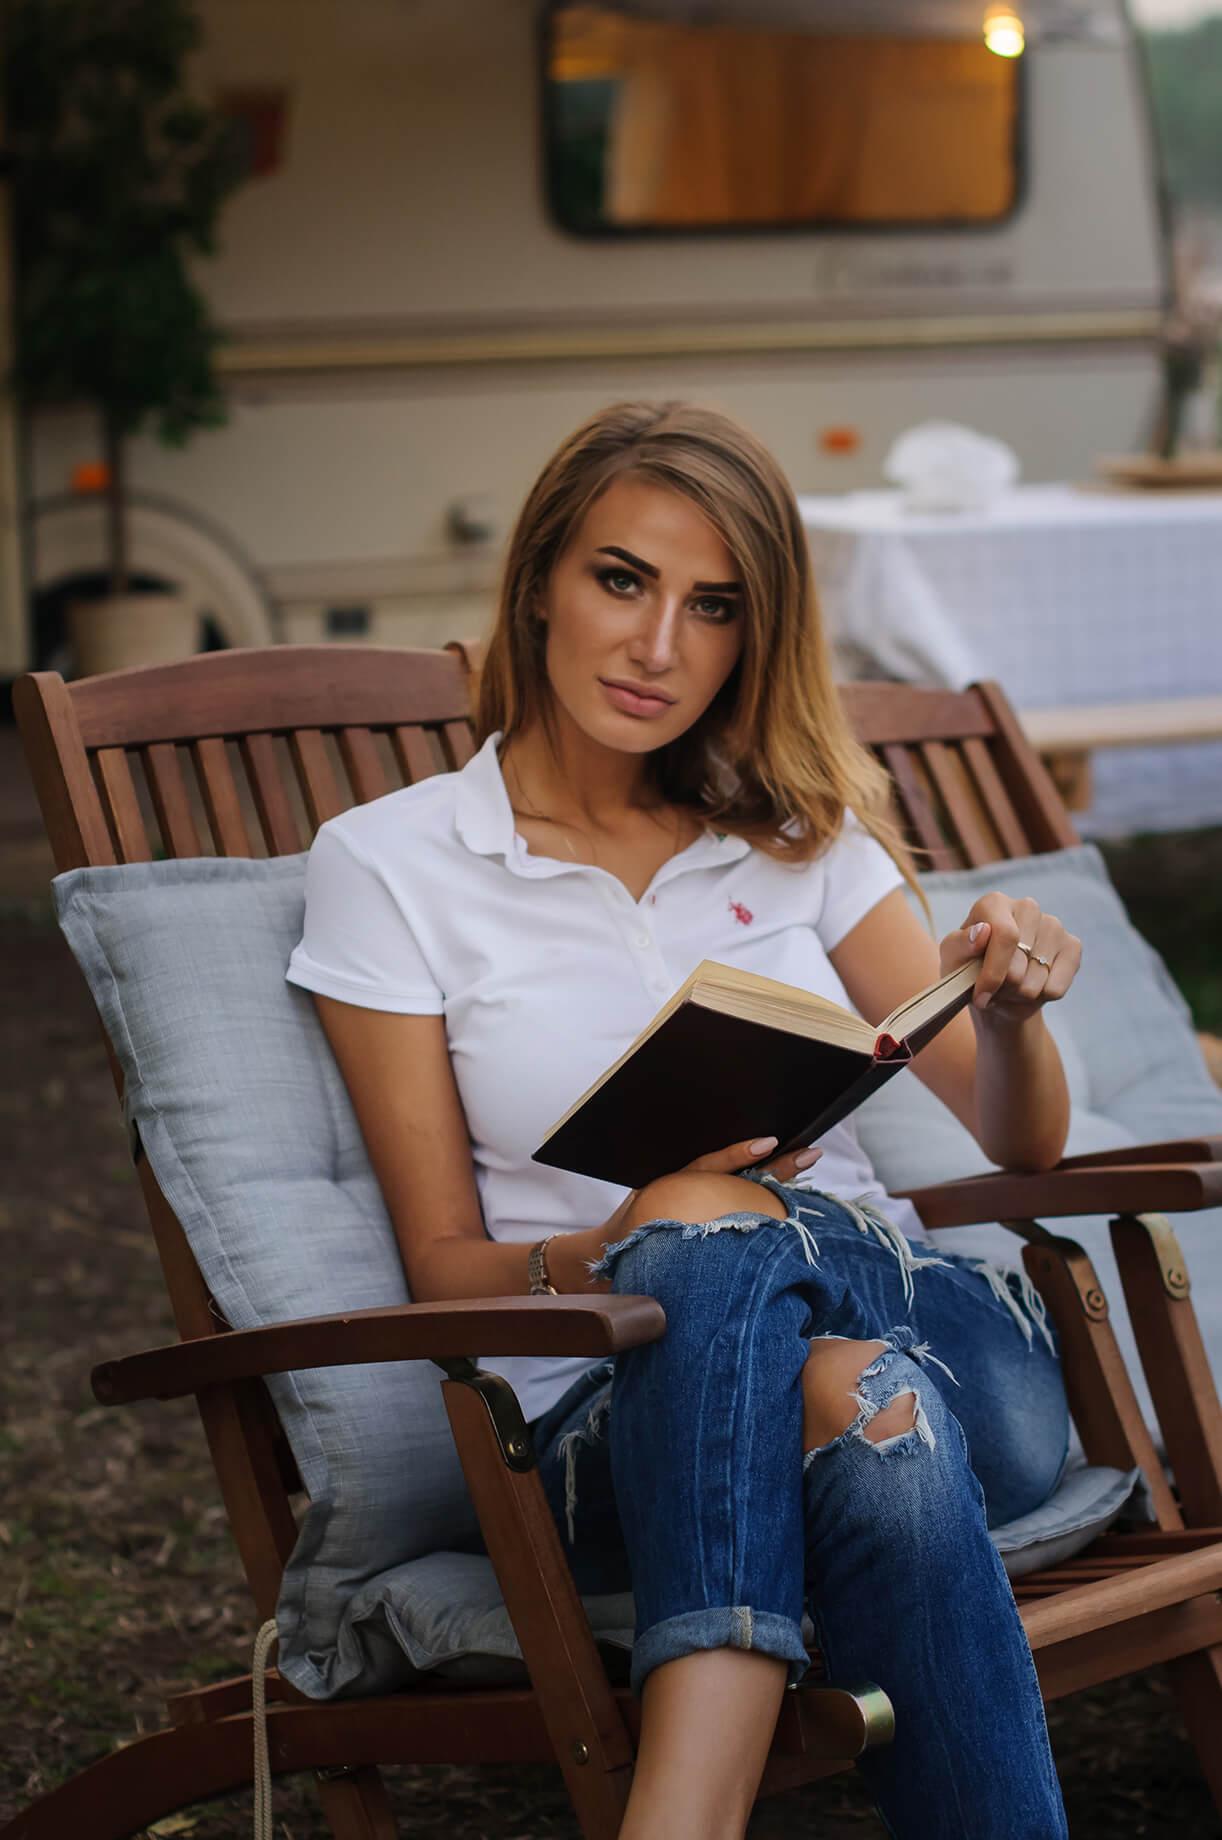 Девушка с макияжем читает книгу в кресле на природе